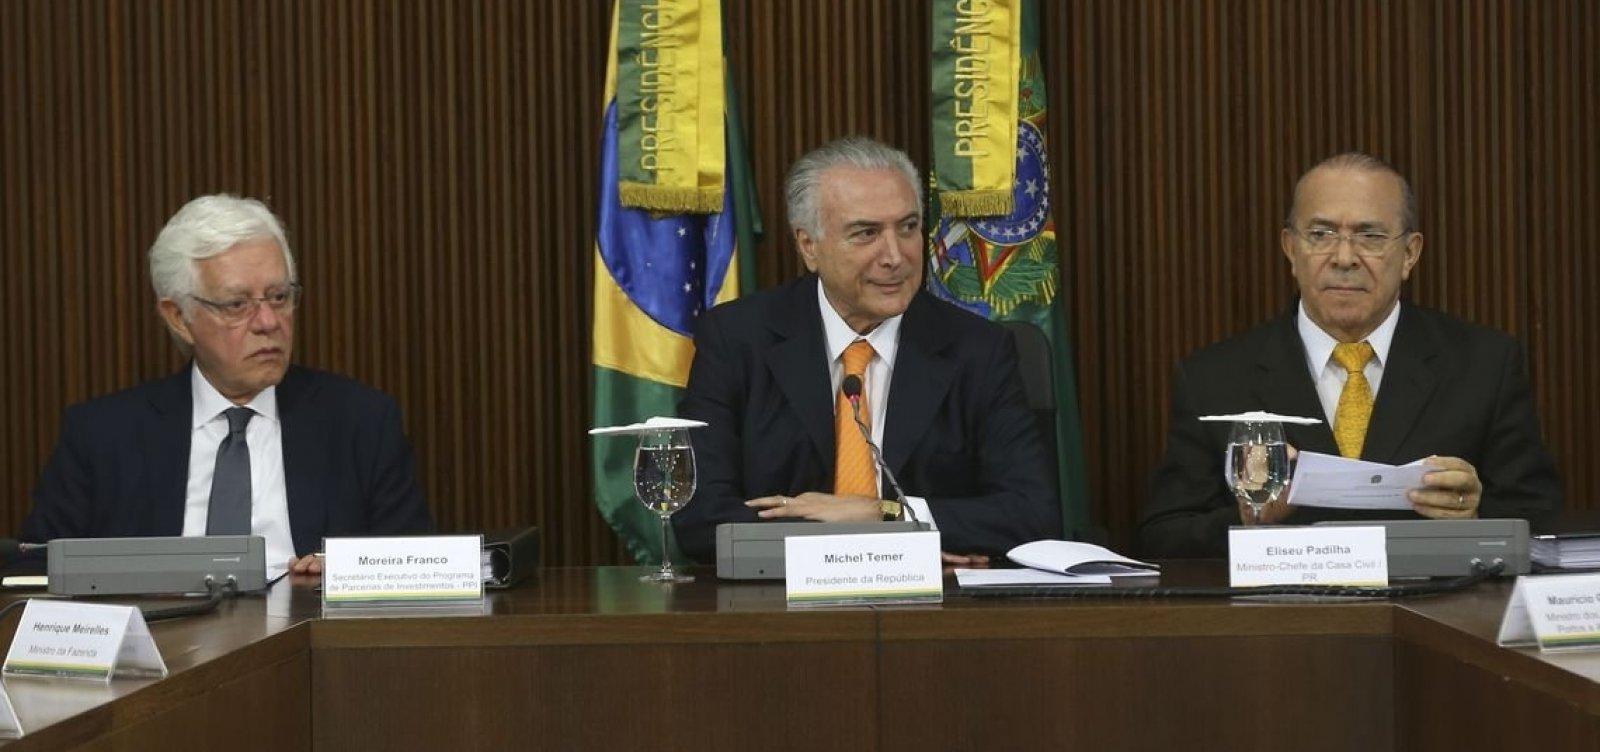 [Temer e ministros são chamados a depor sobre esquema criminoso na Petrobras]